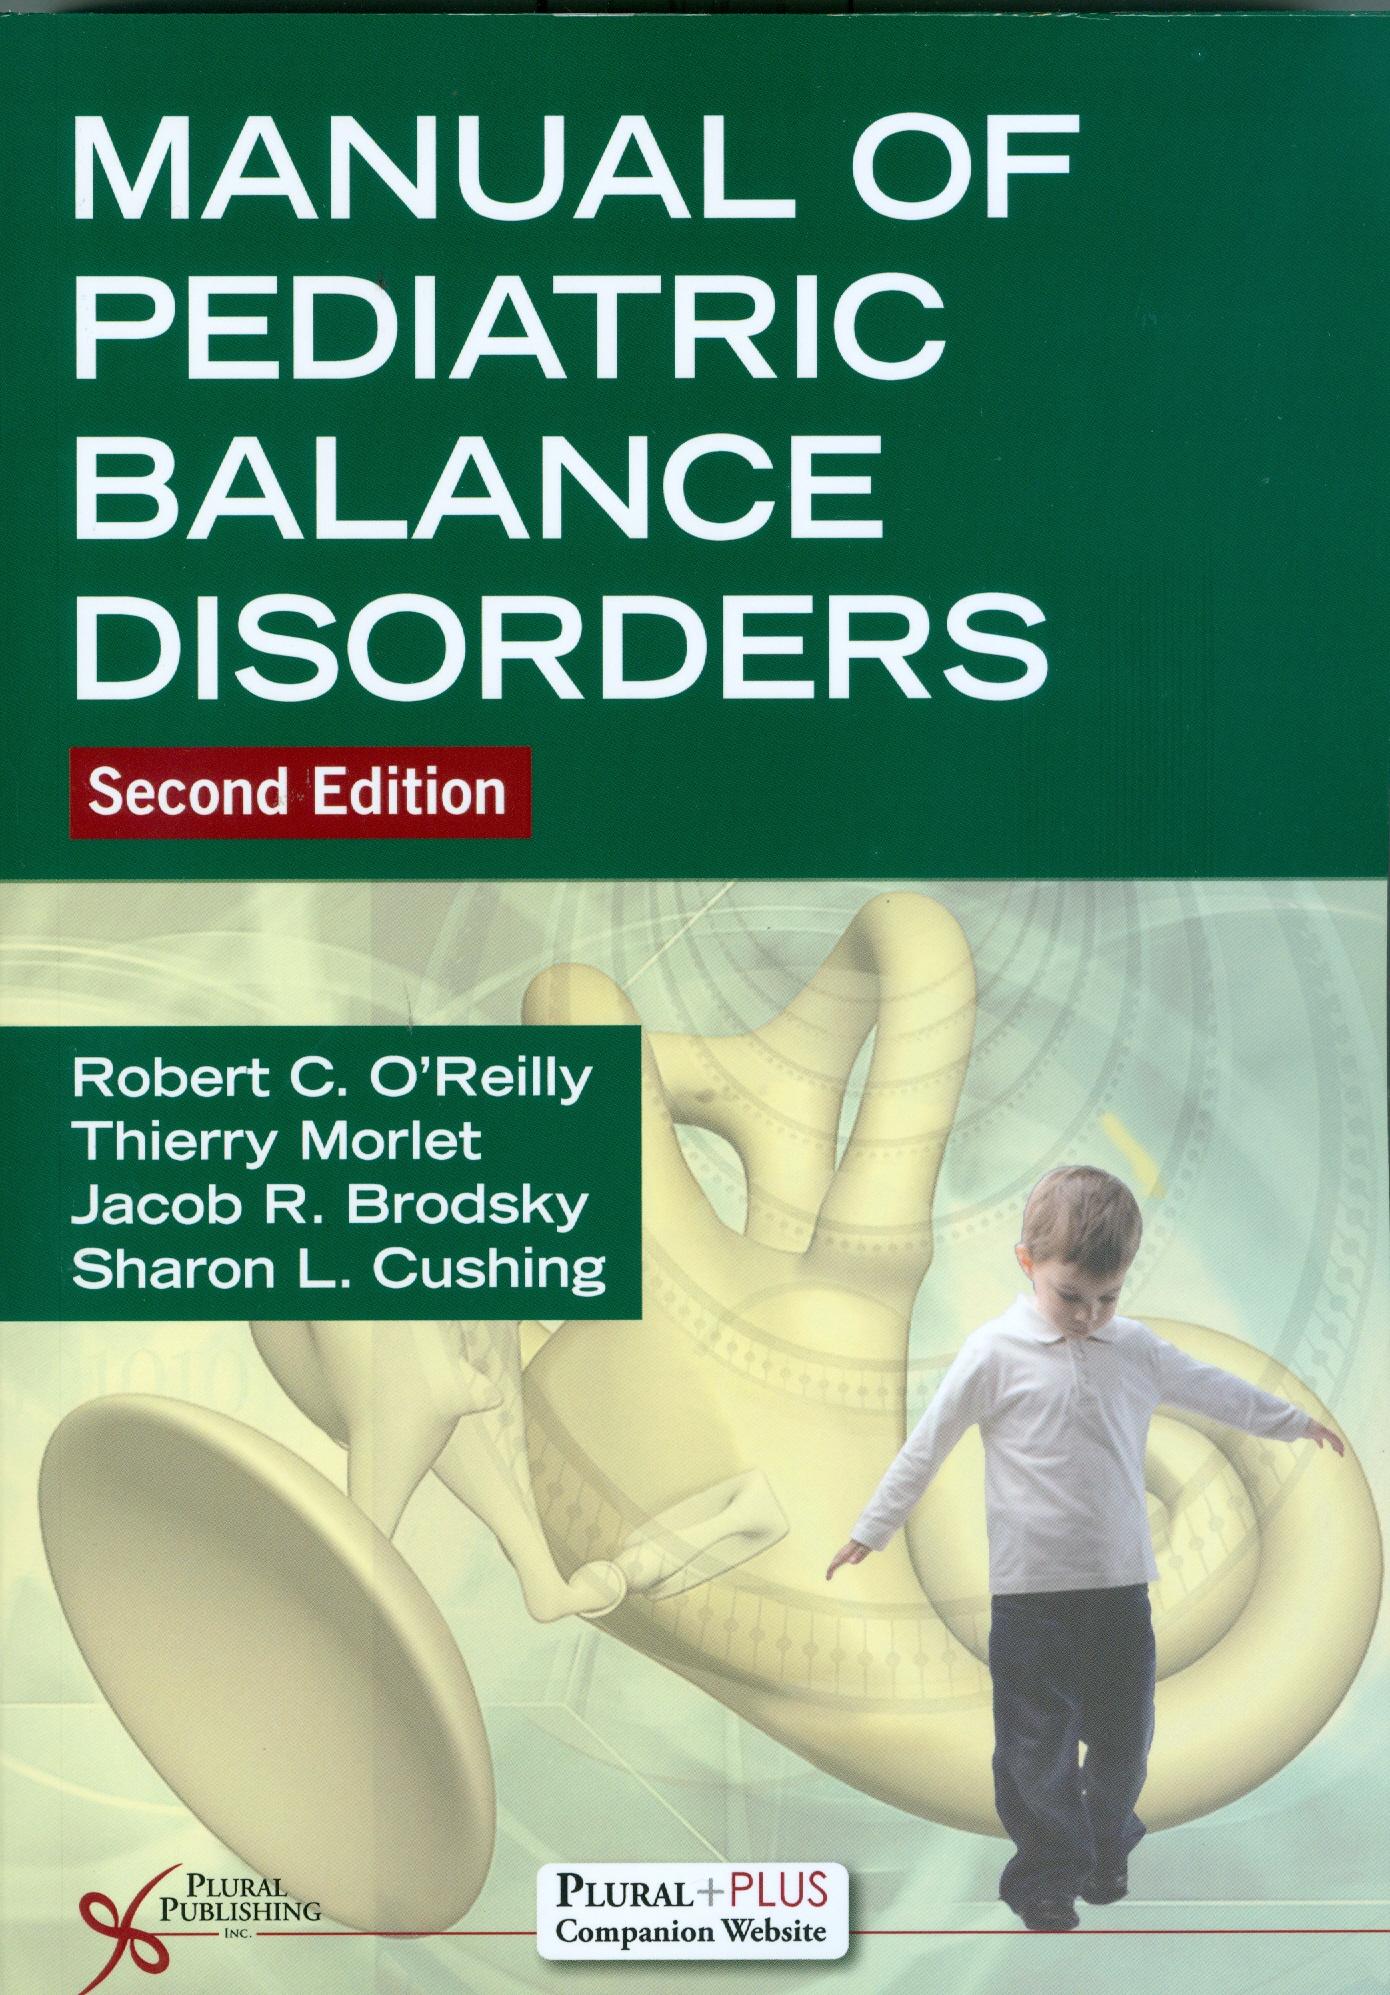 Manual of Pediatric Balance Disorders, 2nd edn